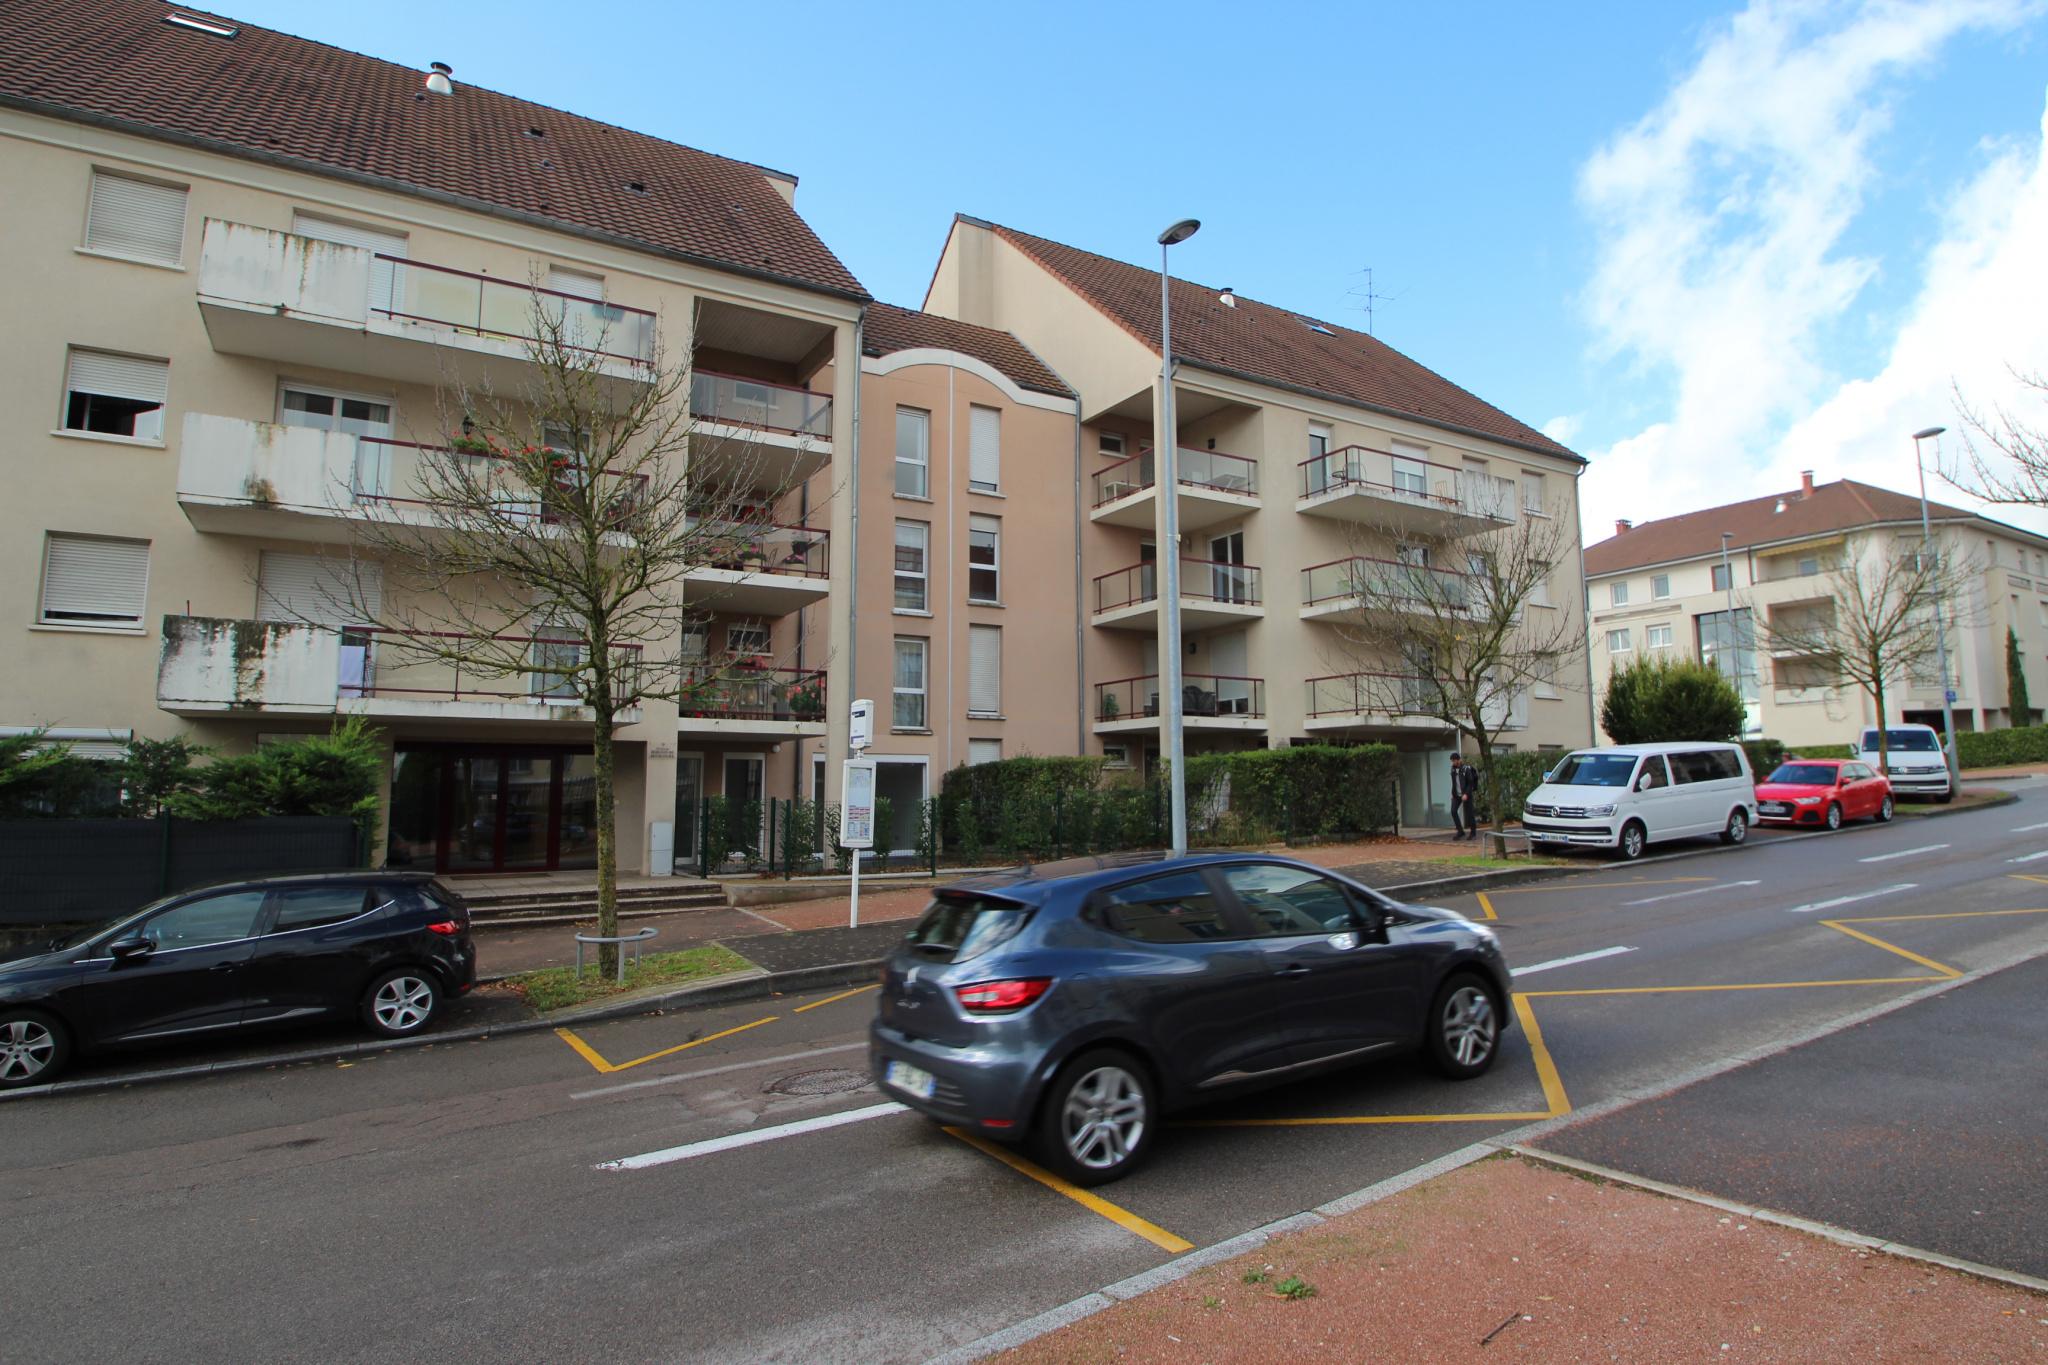 Vente appartement dijon Toison d'or (centre commercial)